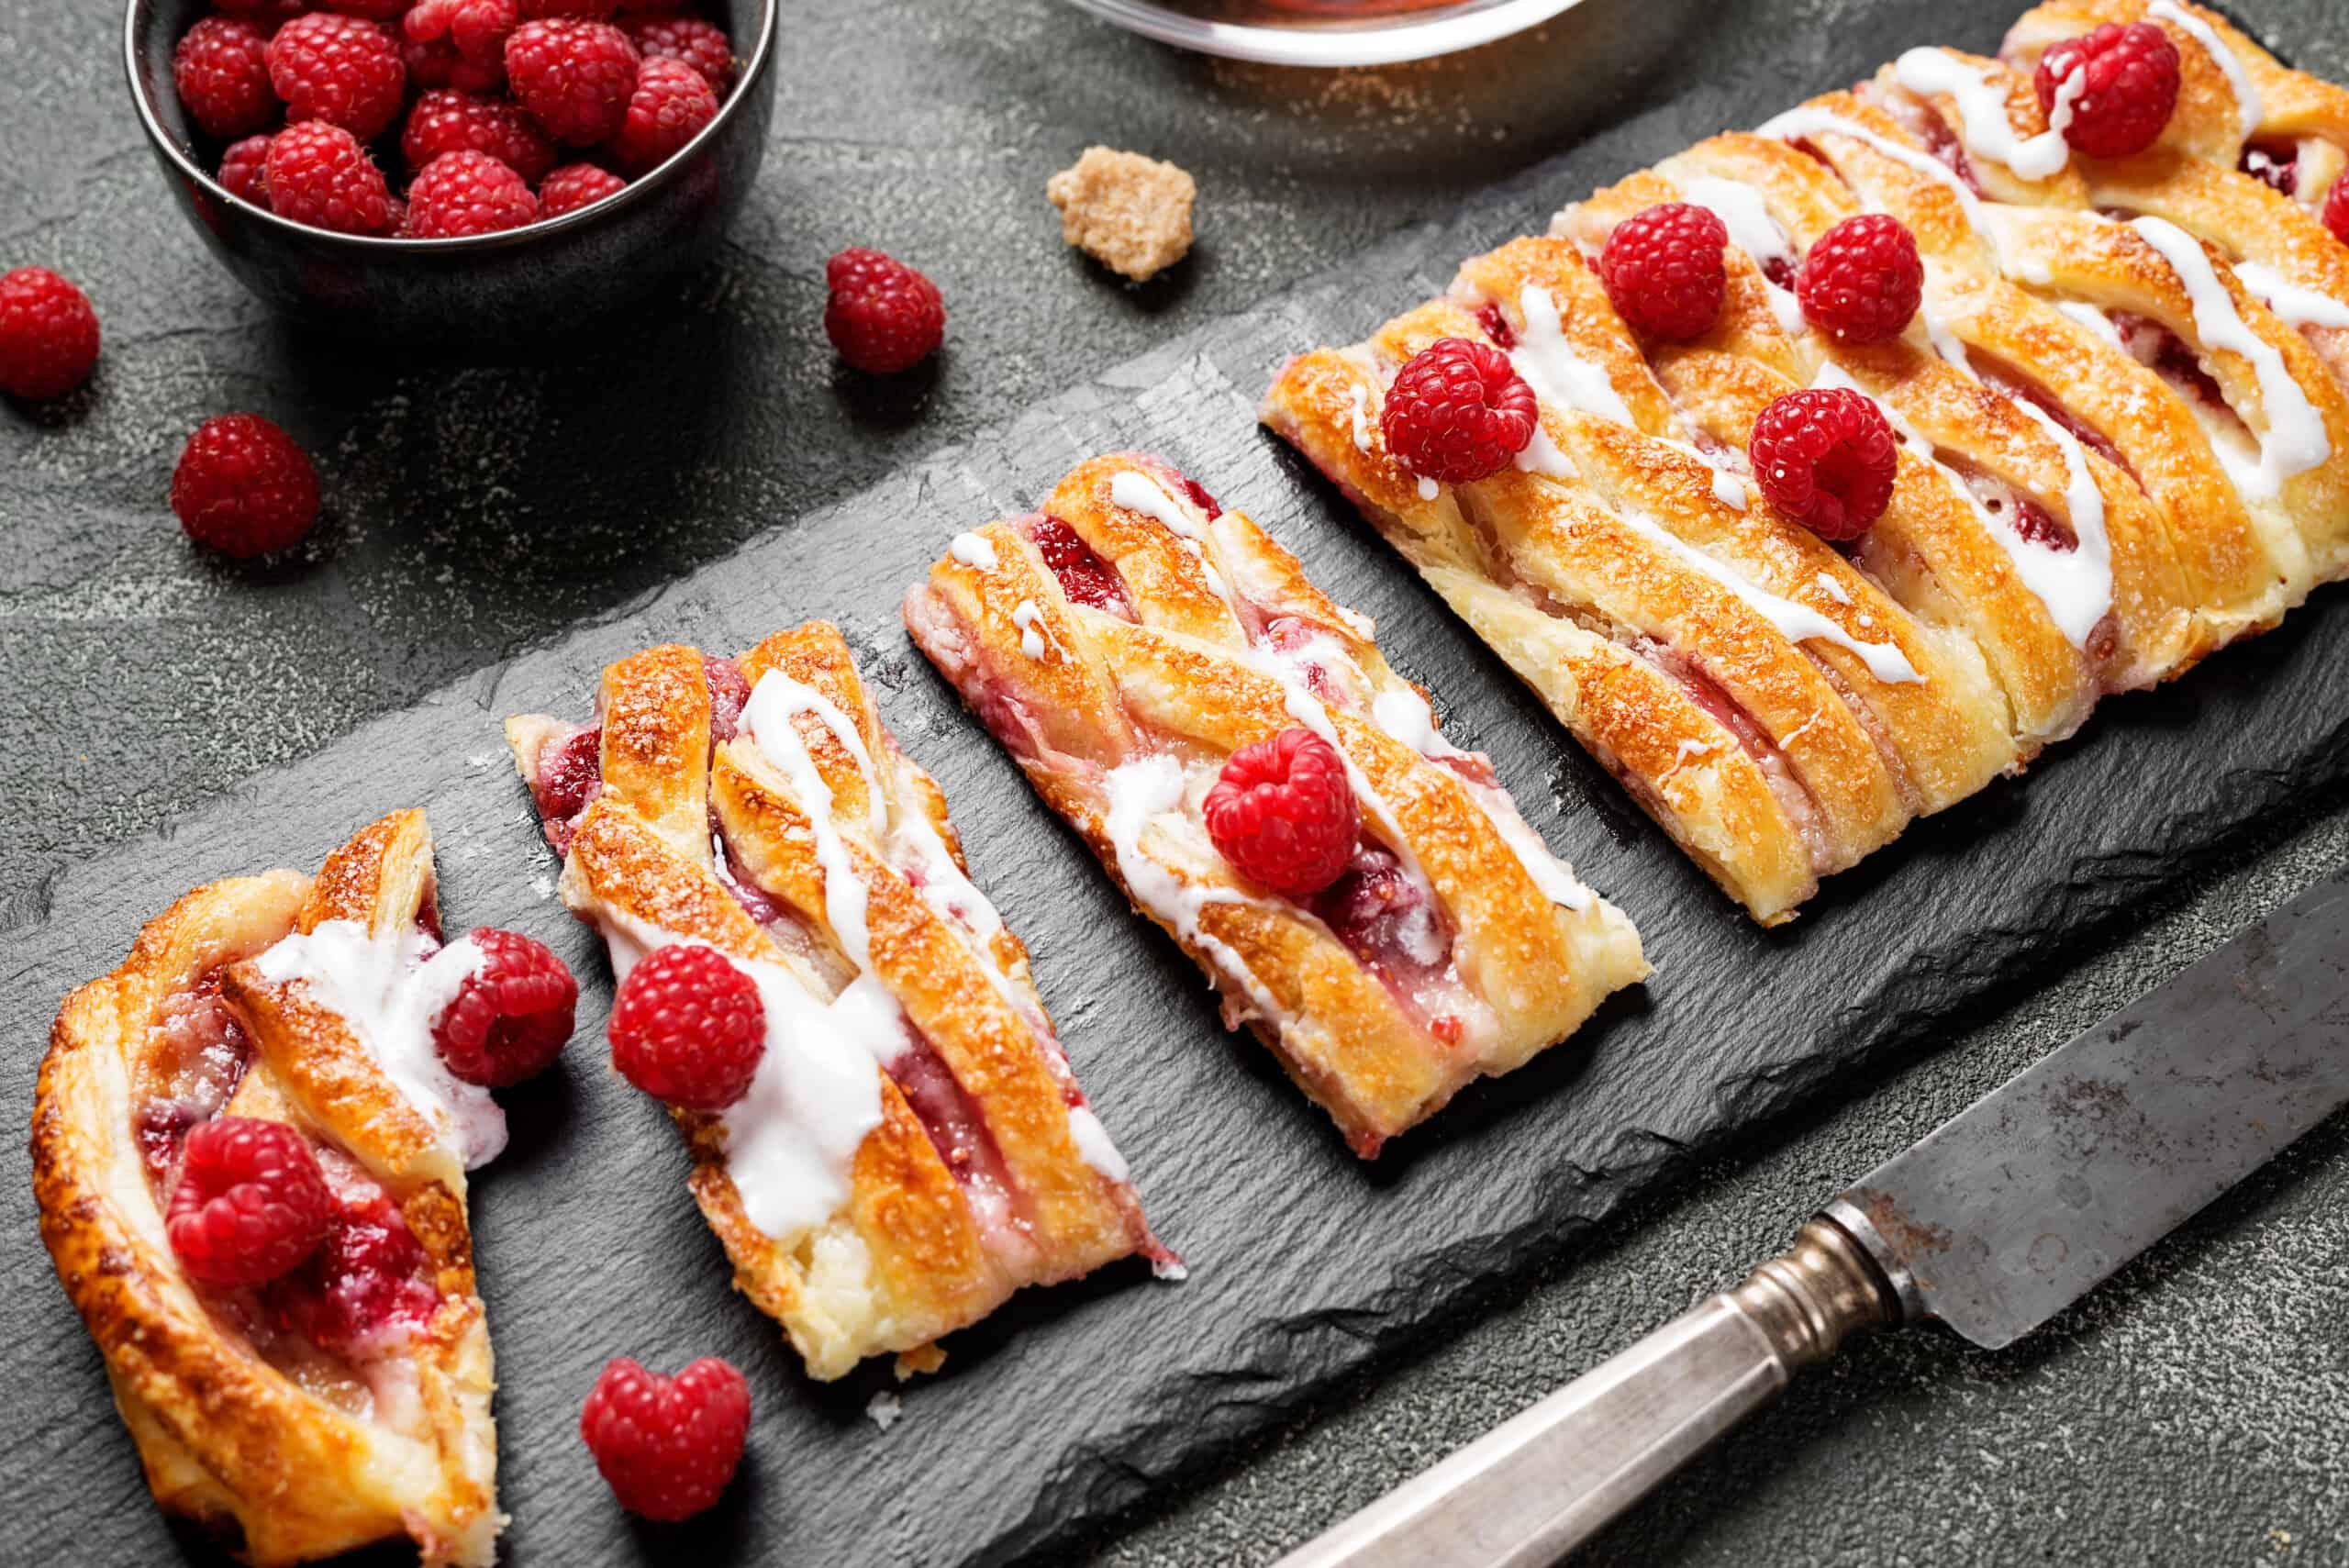 Braided Raspberry Danish – Recipes to Treat Mum